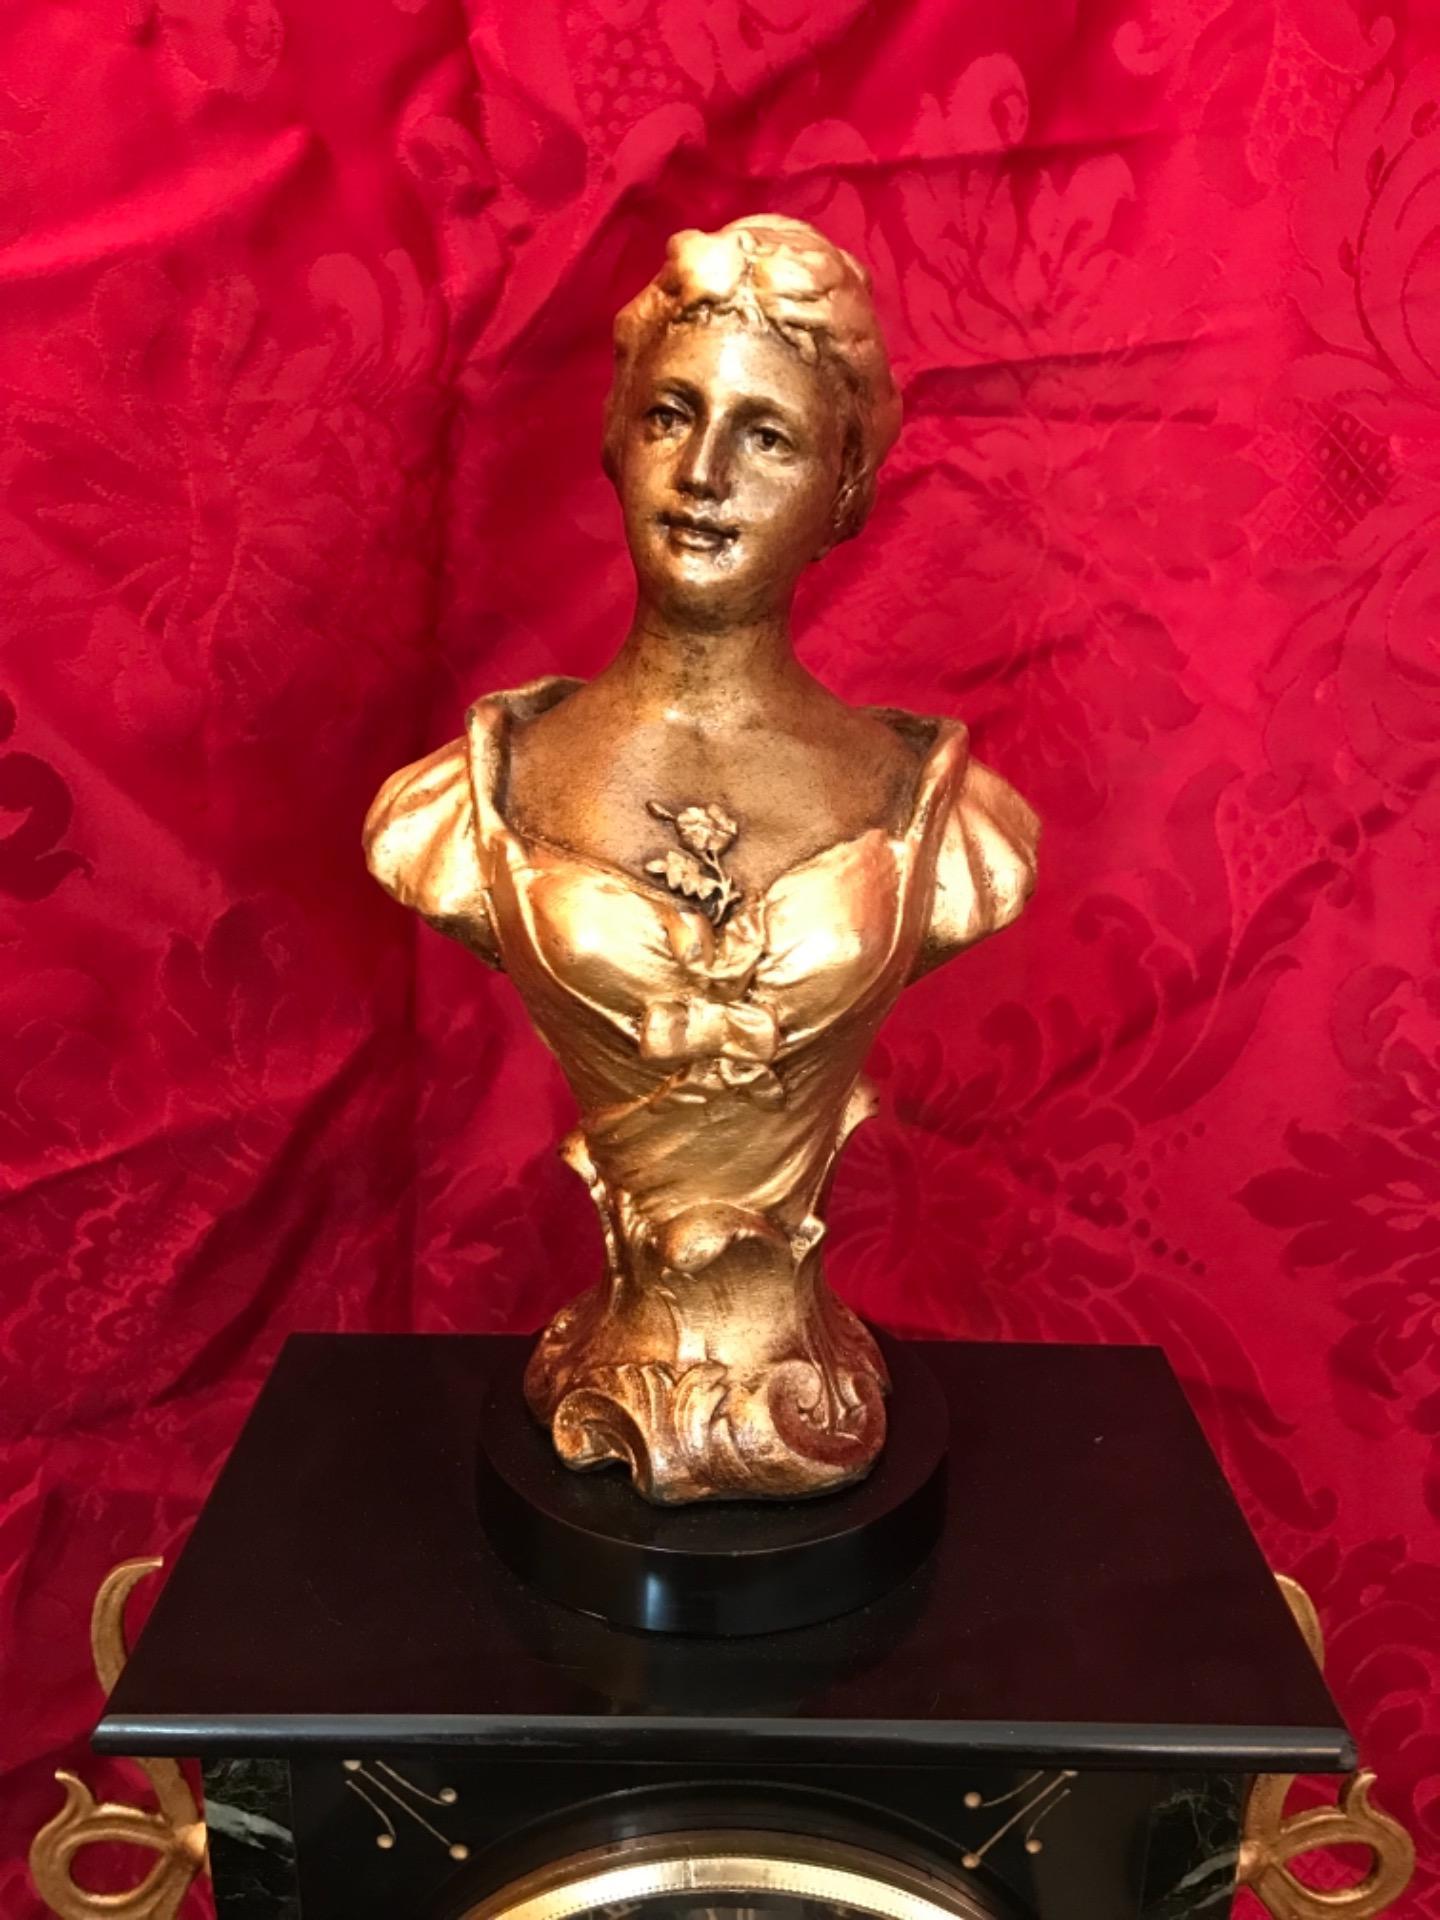 thumb3|Orologio a pendolo con scultura firmata Mestais